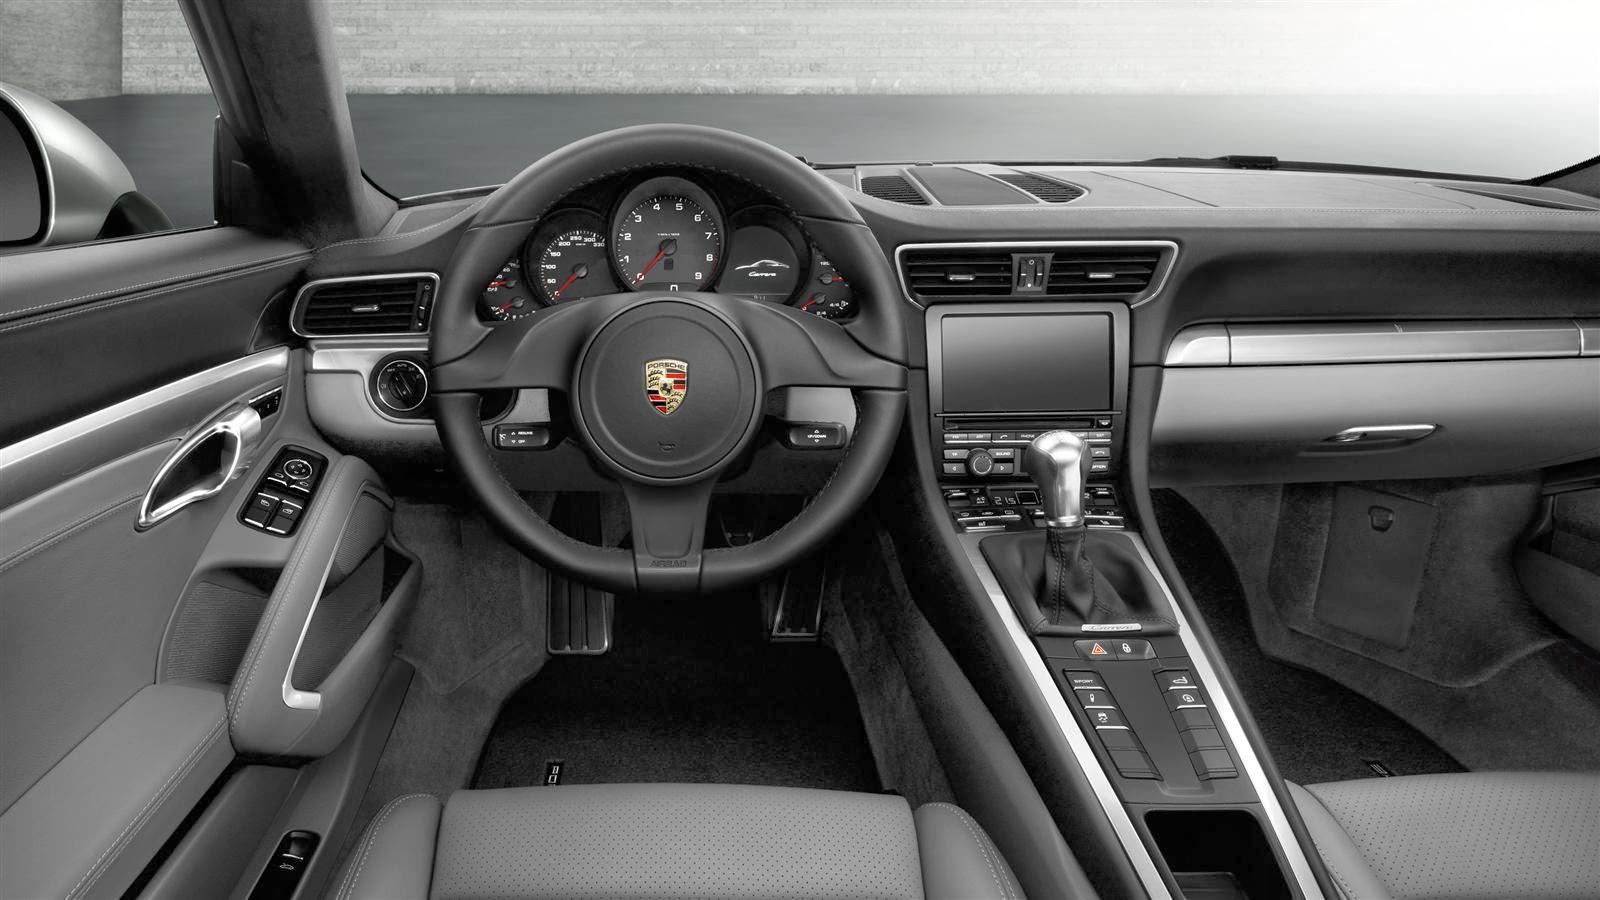 Porsche 911 Carrera Cabriolet Interior2